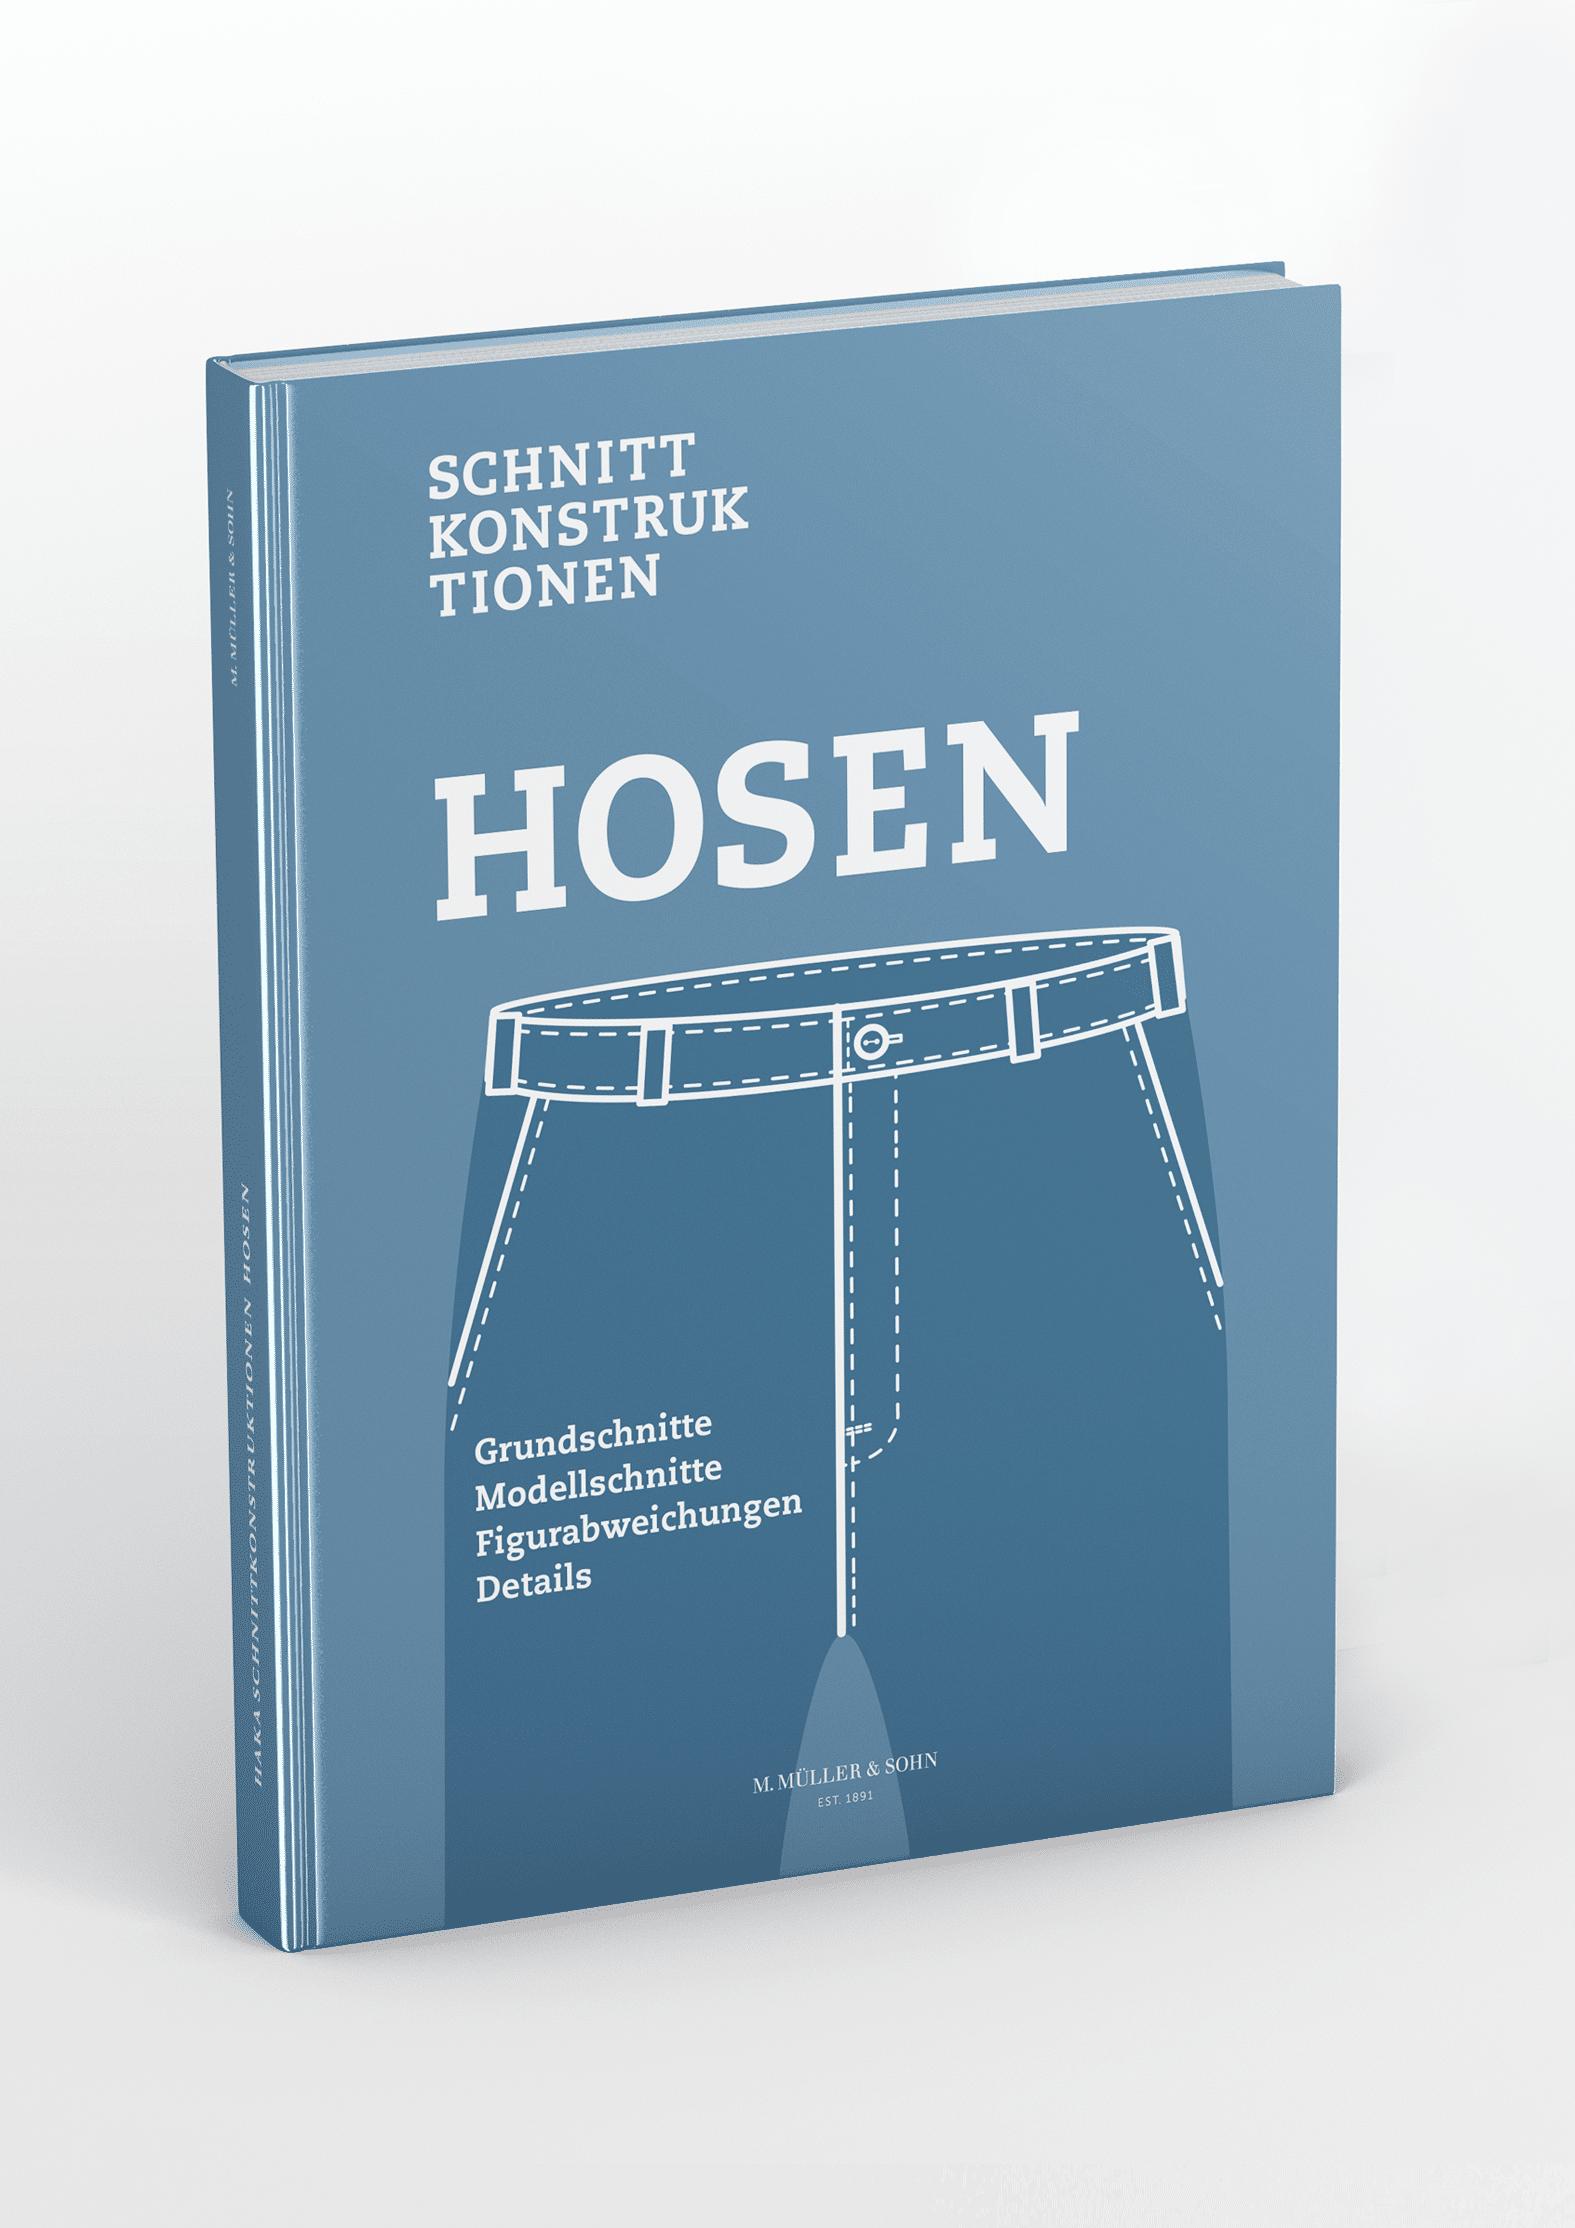 Produkt: HAKA Schnitt-konstruktionen Hosen